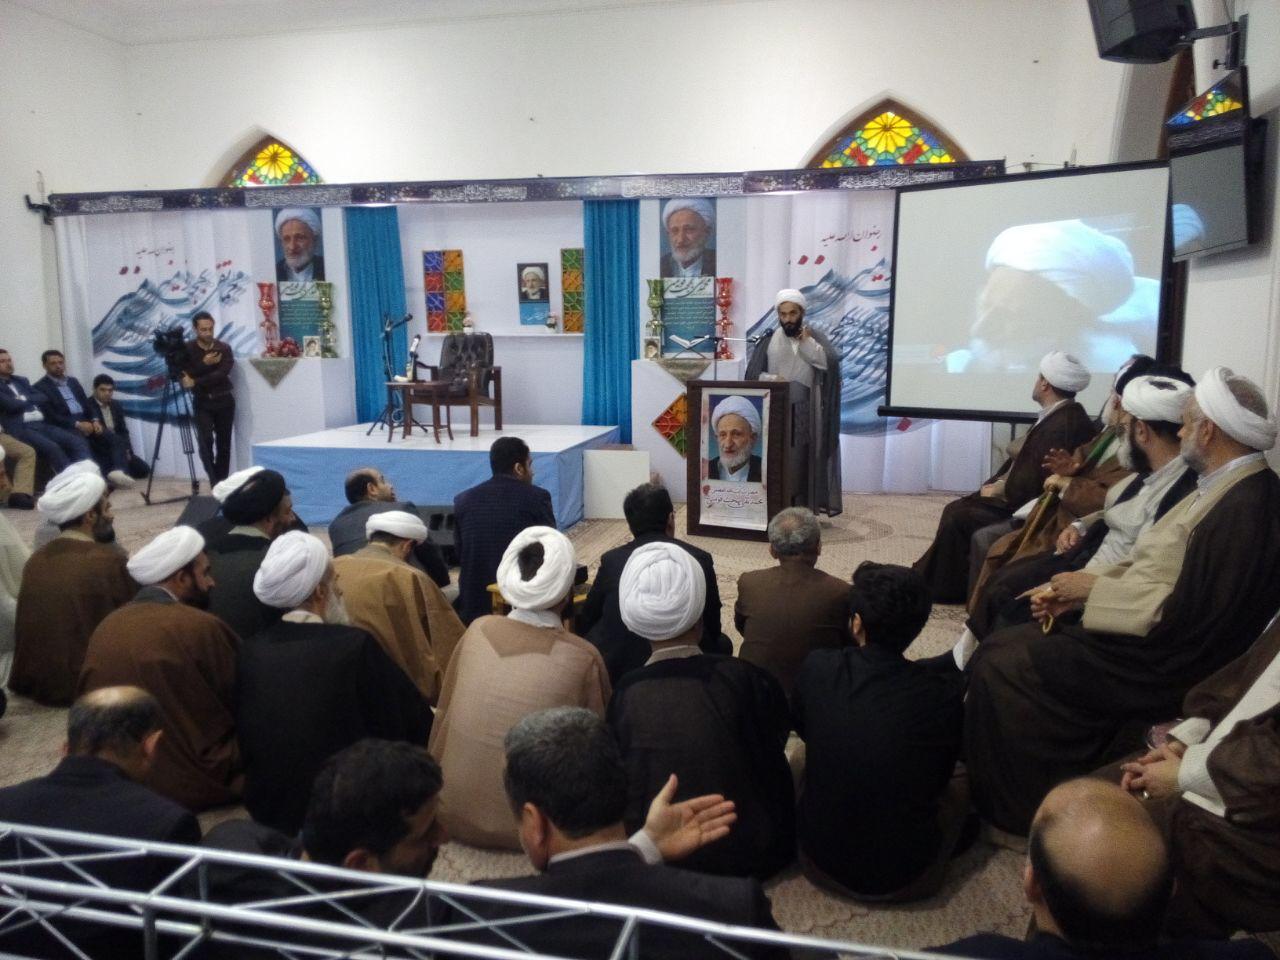 محافظت فقه ها از دین خدا سبب پویایی و زنده بودن اسلام در جهان است/بهجت را فقط به زهد نشناسیم بهجت یک فقیه بزرگ بود